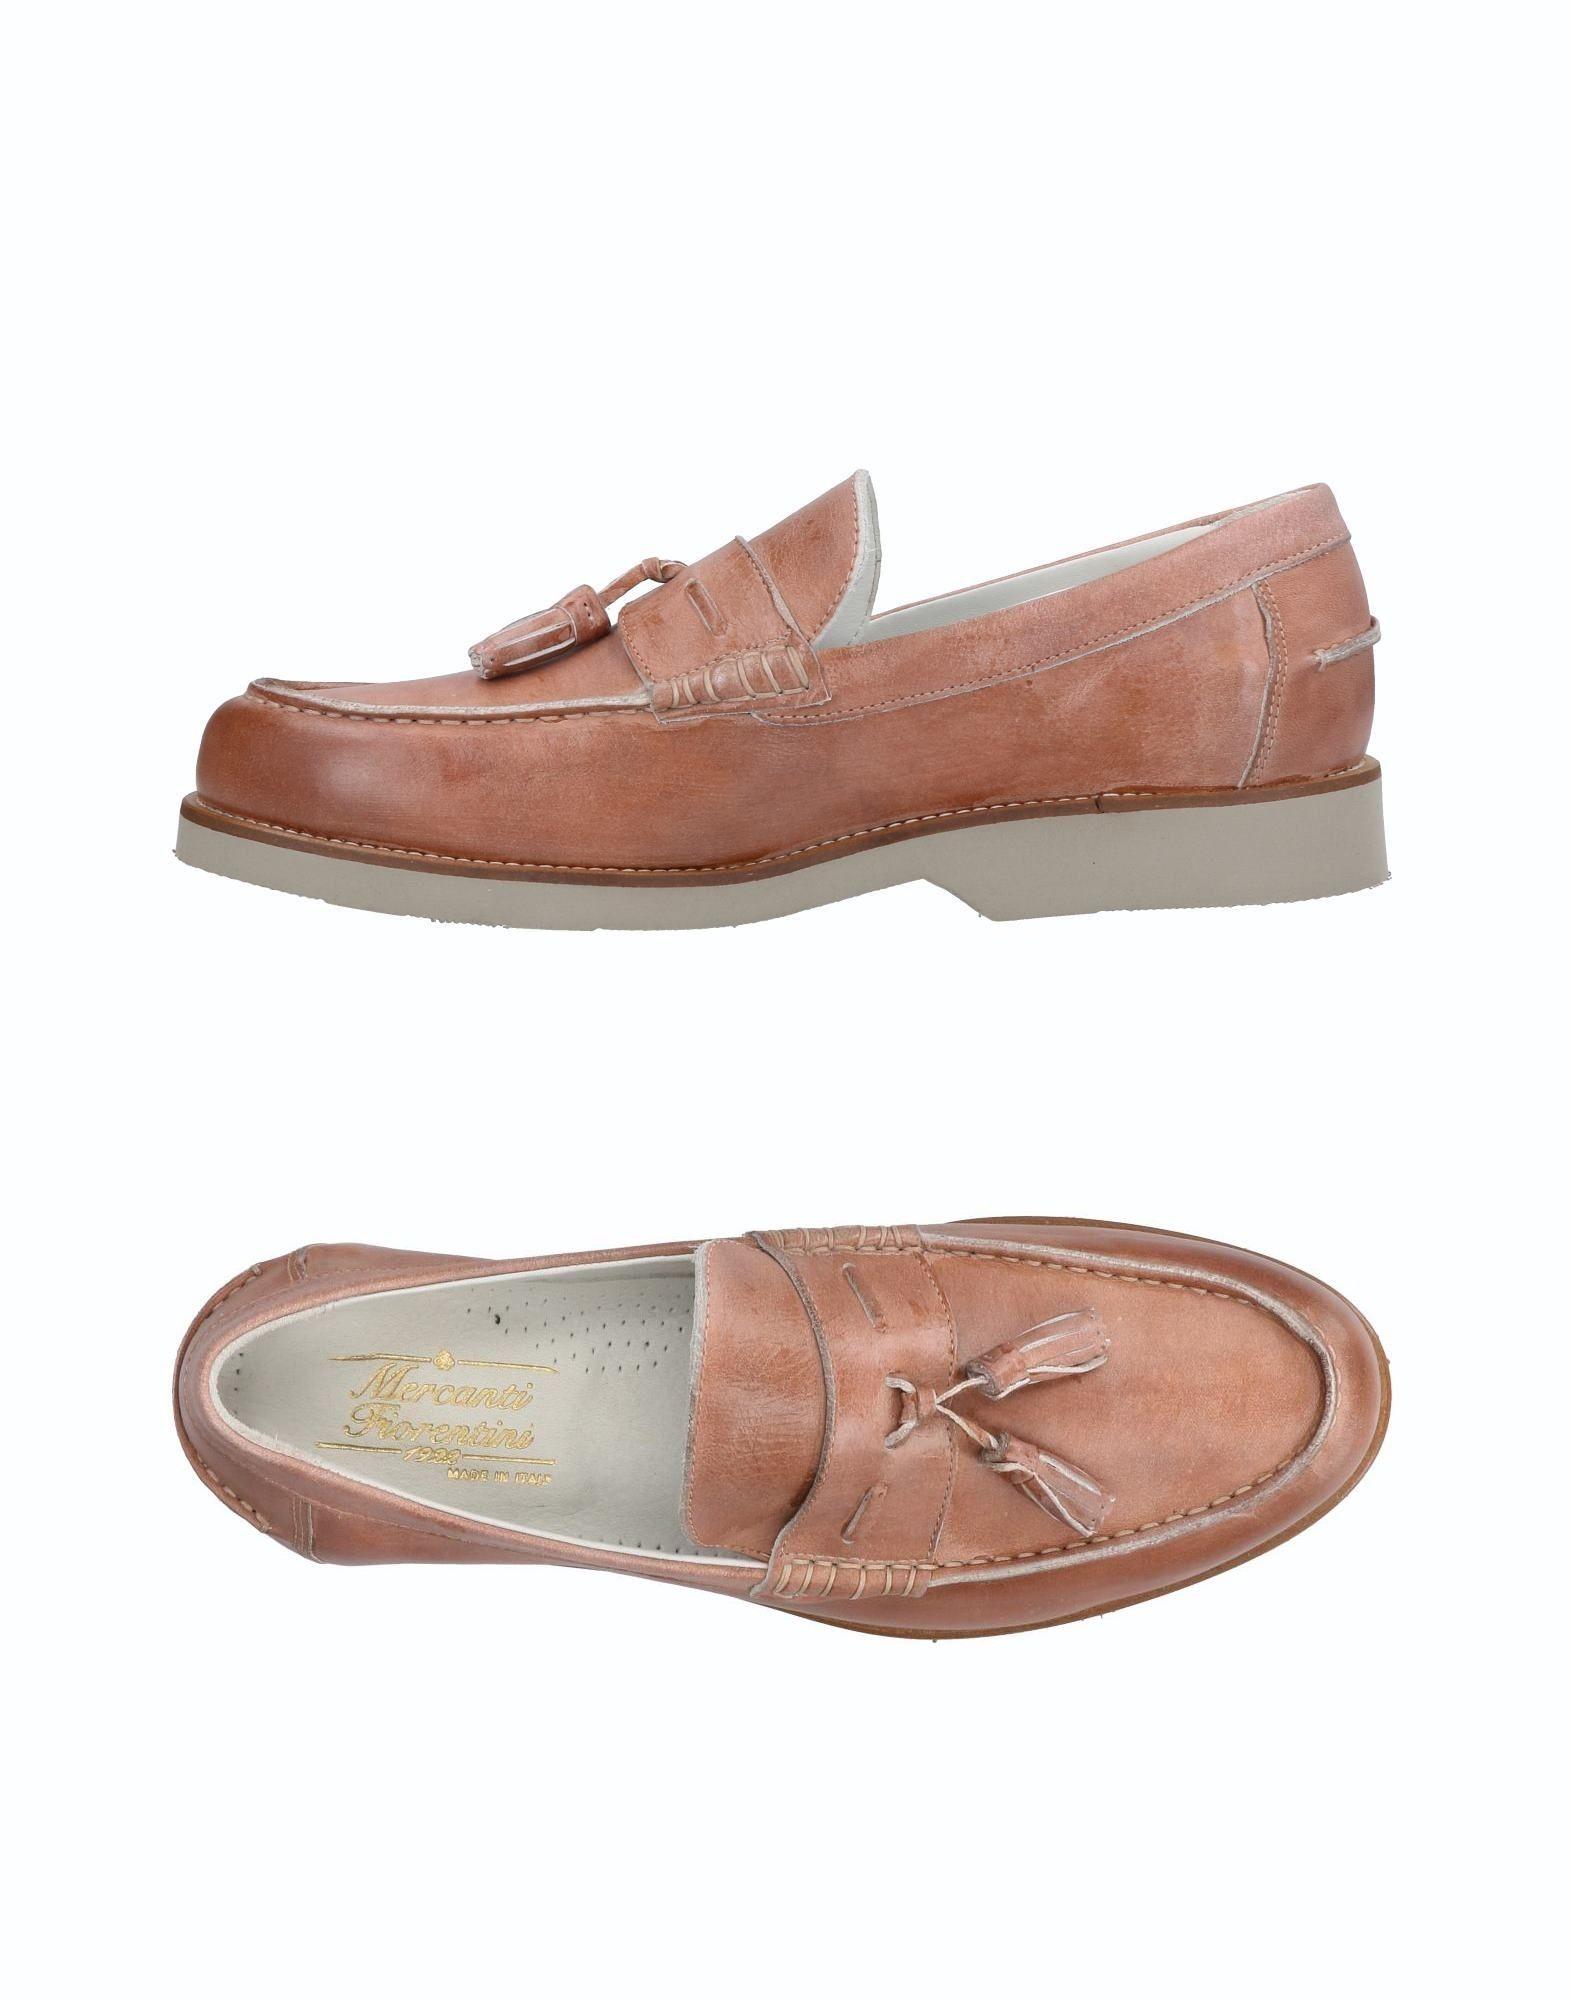 Rabatt echte Schuhe  Mercanti Fiorentini Mokassins Herren  Schuhe 11467323KU 17f0a5